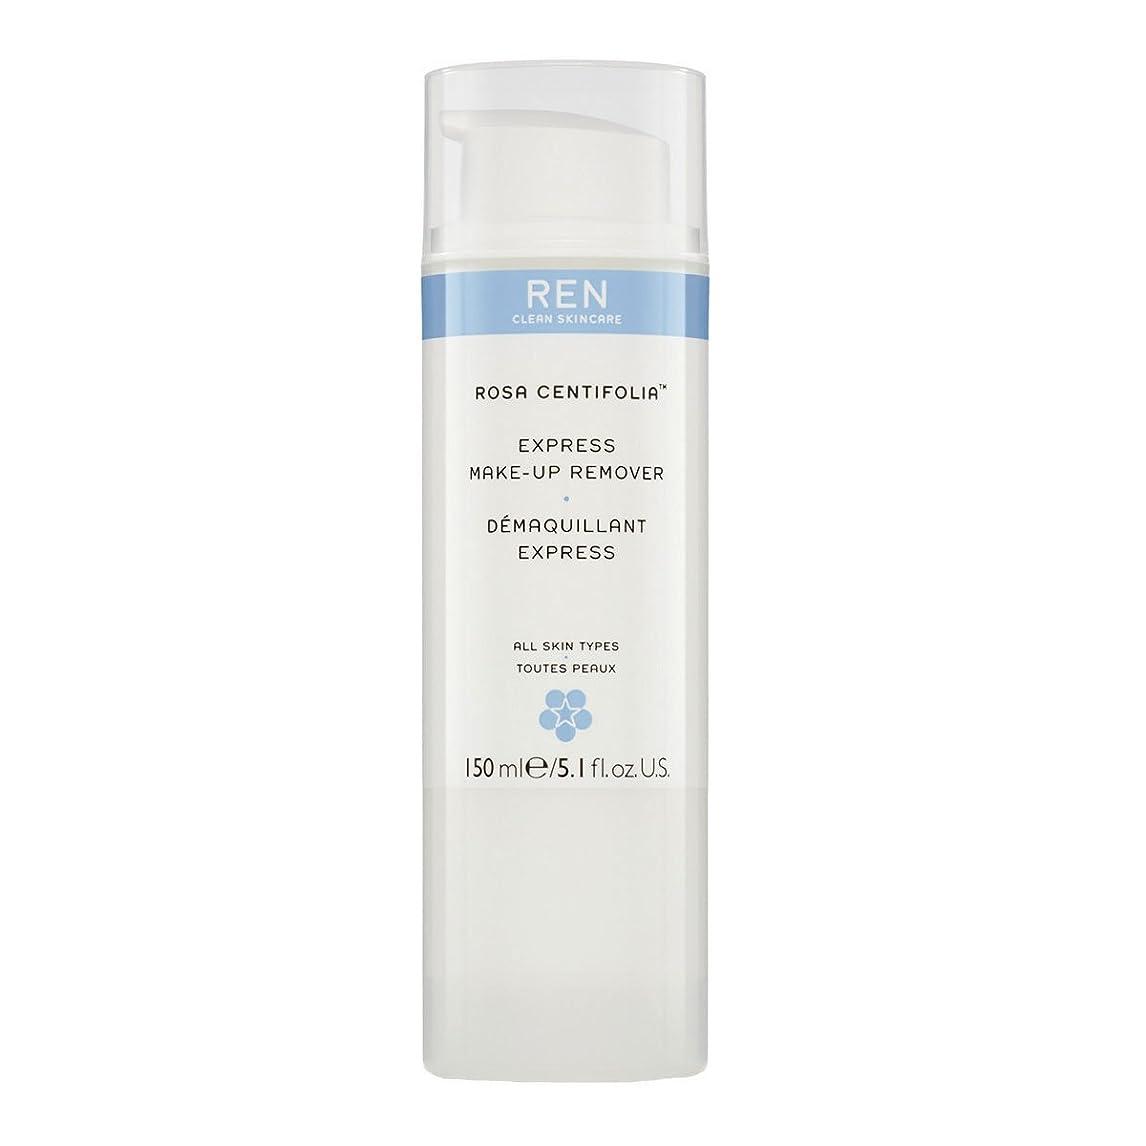 うるさいにおい確かにRen Rosa Centifolia Express Make-Up Remover (並行輸入品) [並行輸入品]